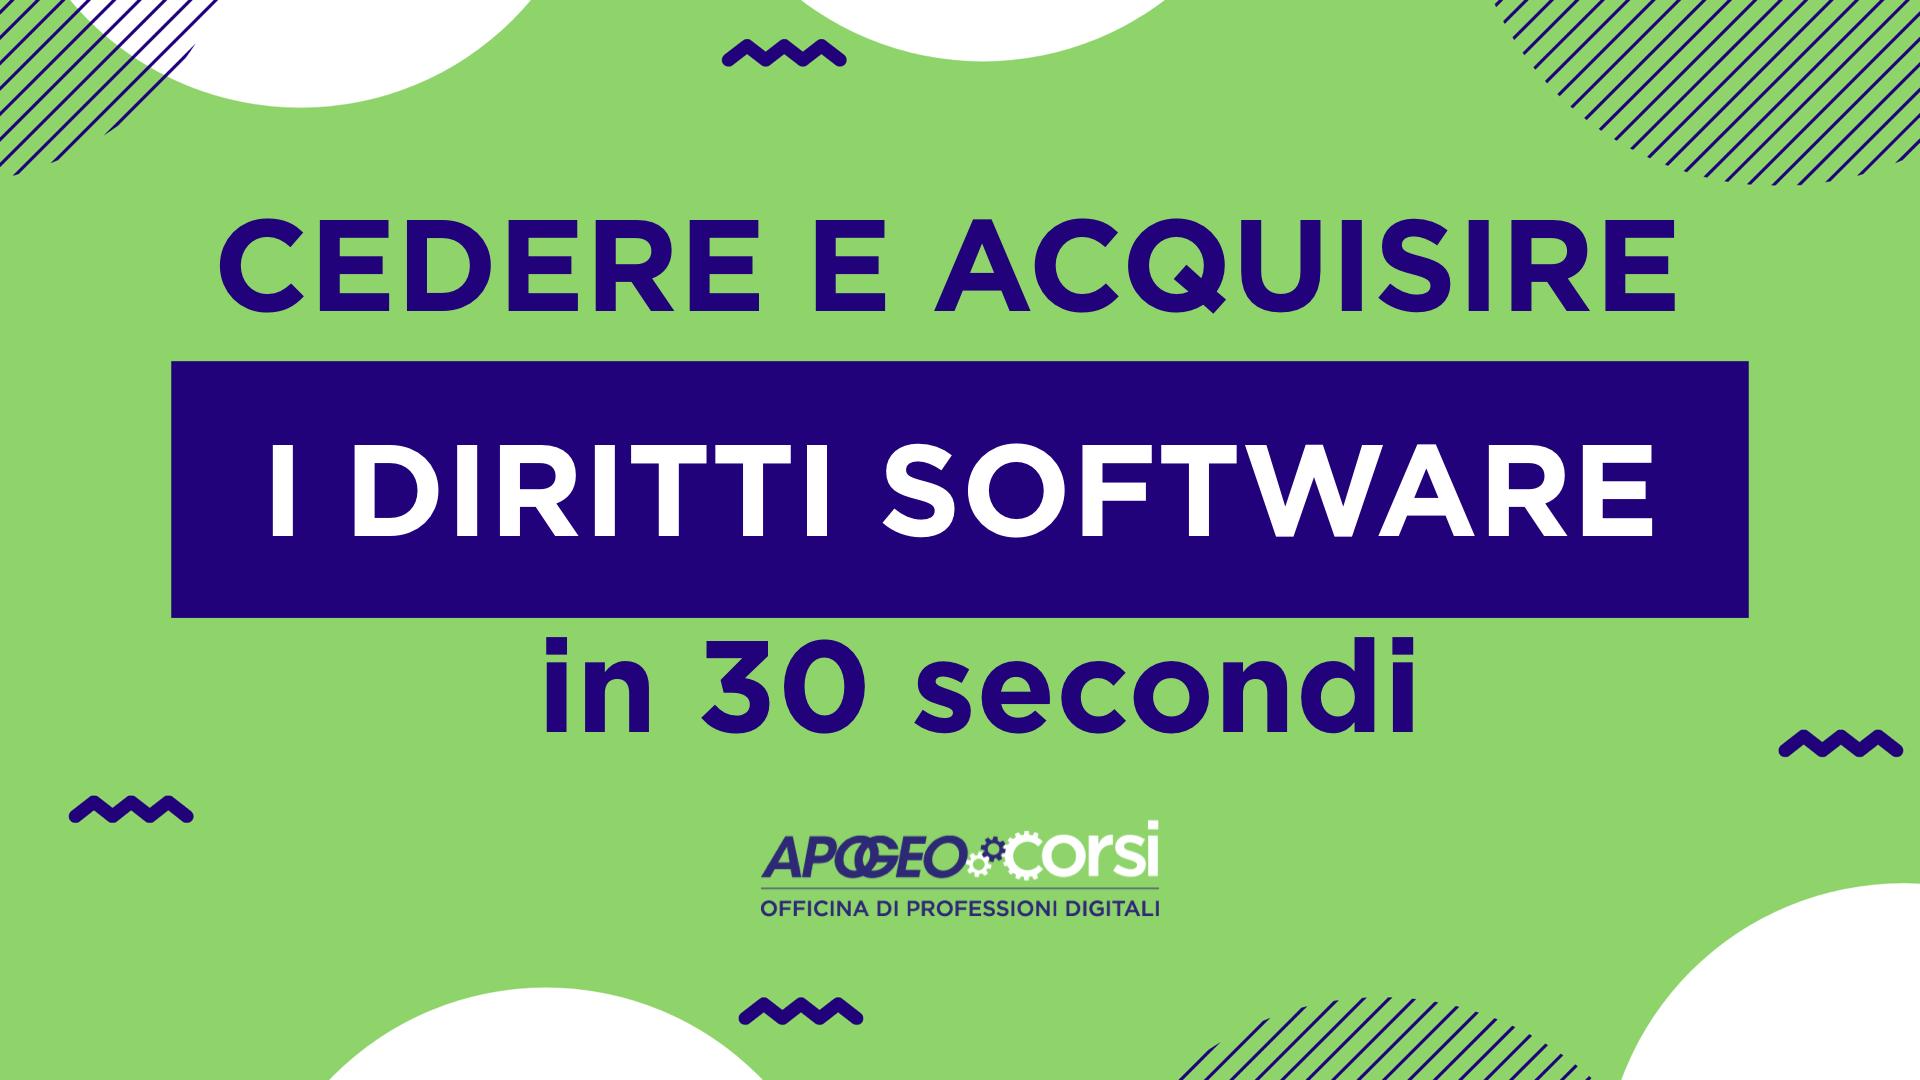 Cedere e acquisire software in 30 secondi